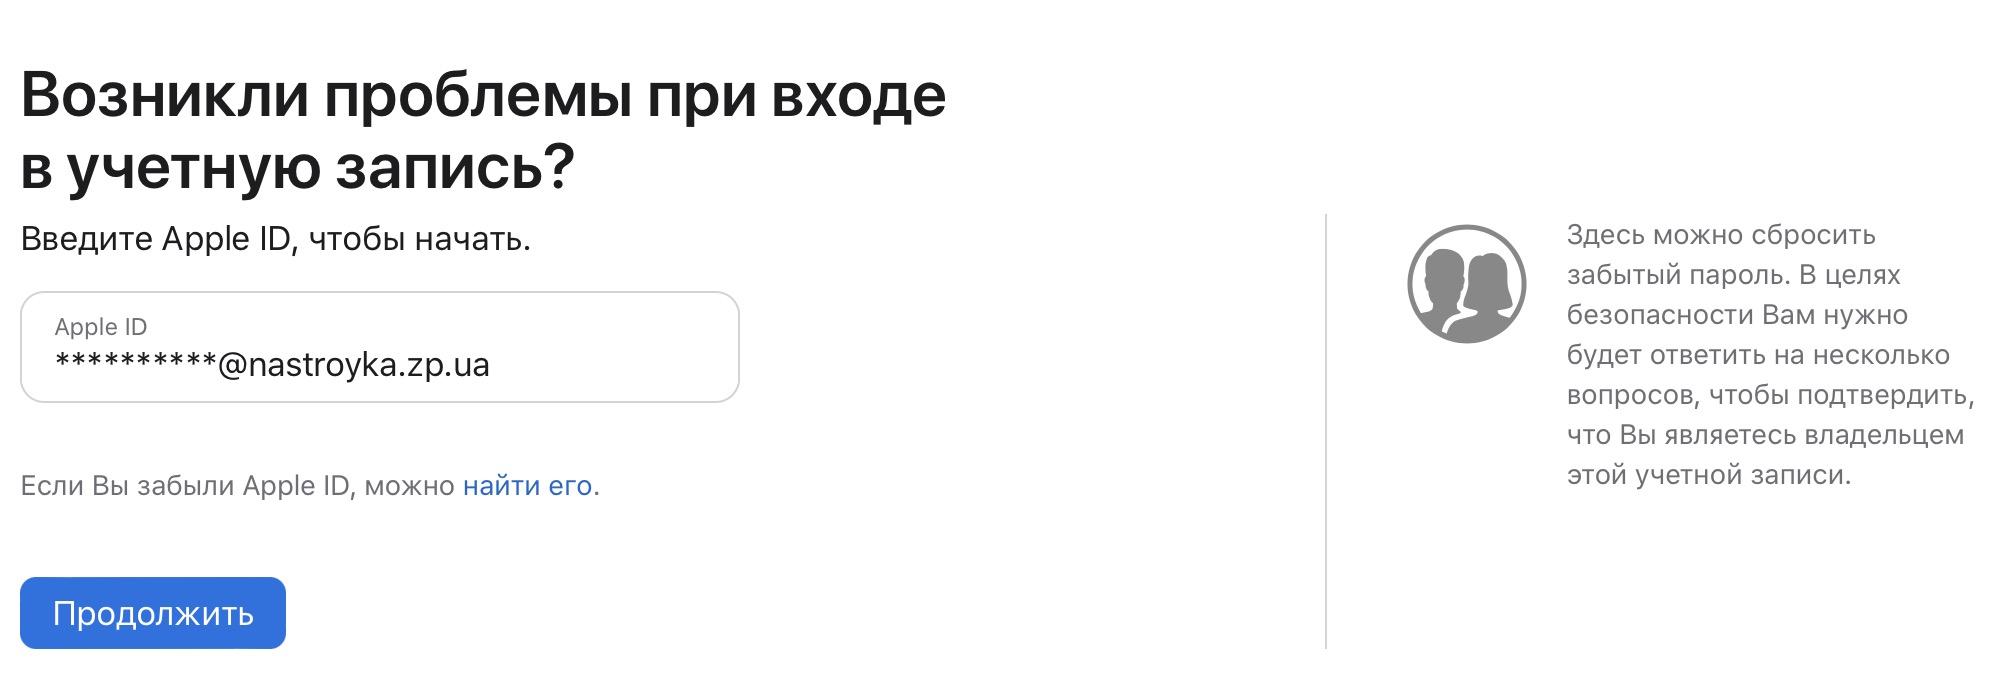 Как сбросить секретные вопросы для apple id nastroyka zp ua  Как сбросить секретные вопросы для apple id 6